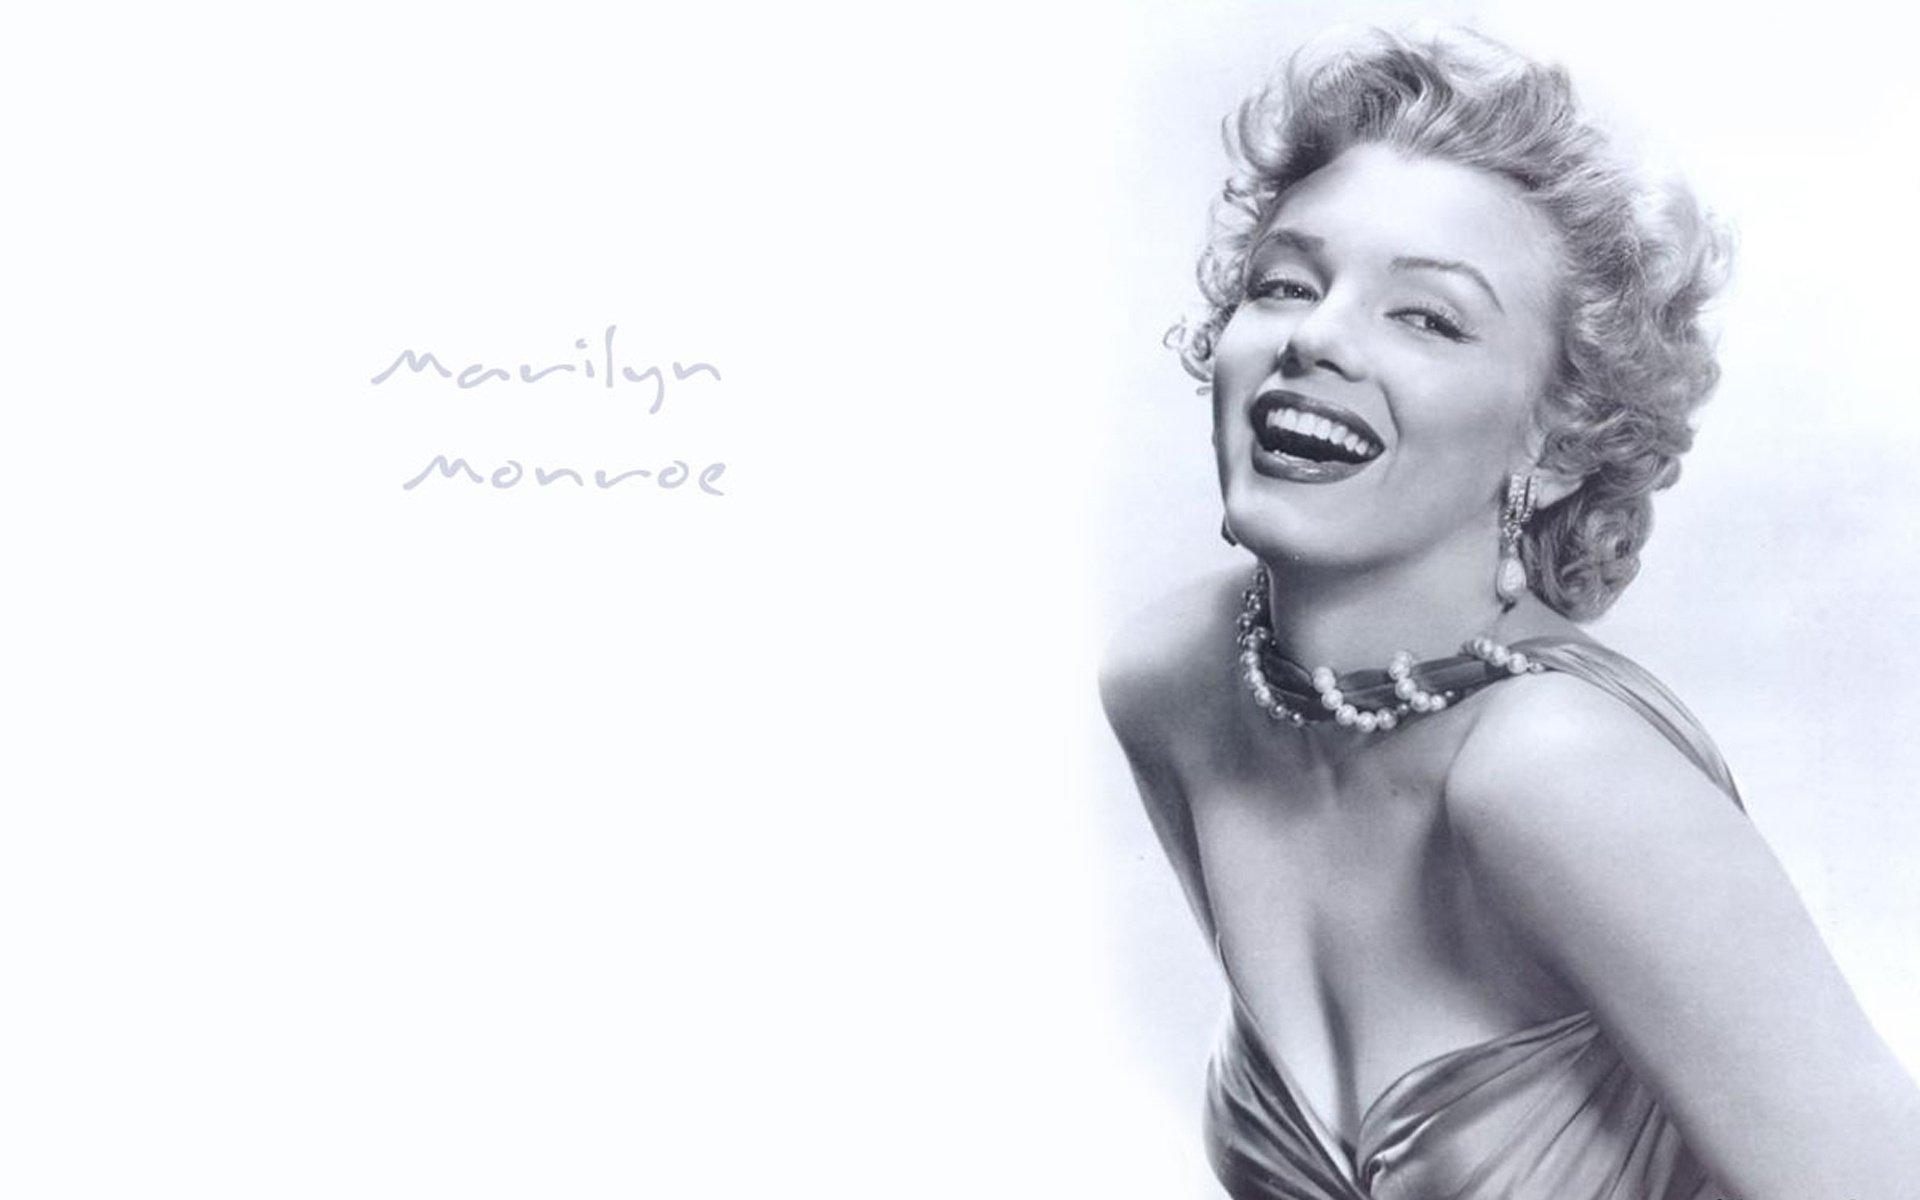 hot marilyn monroe wallpaper hd pixelstalk iphone marilyn monroe